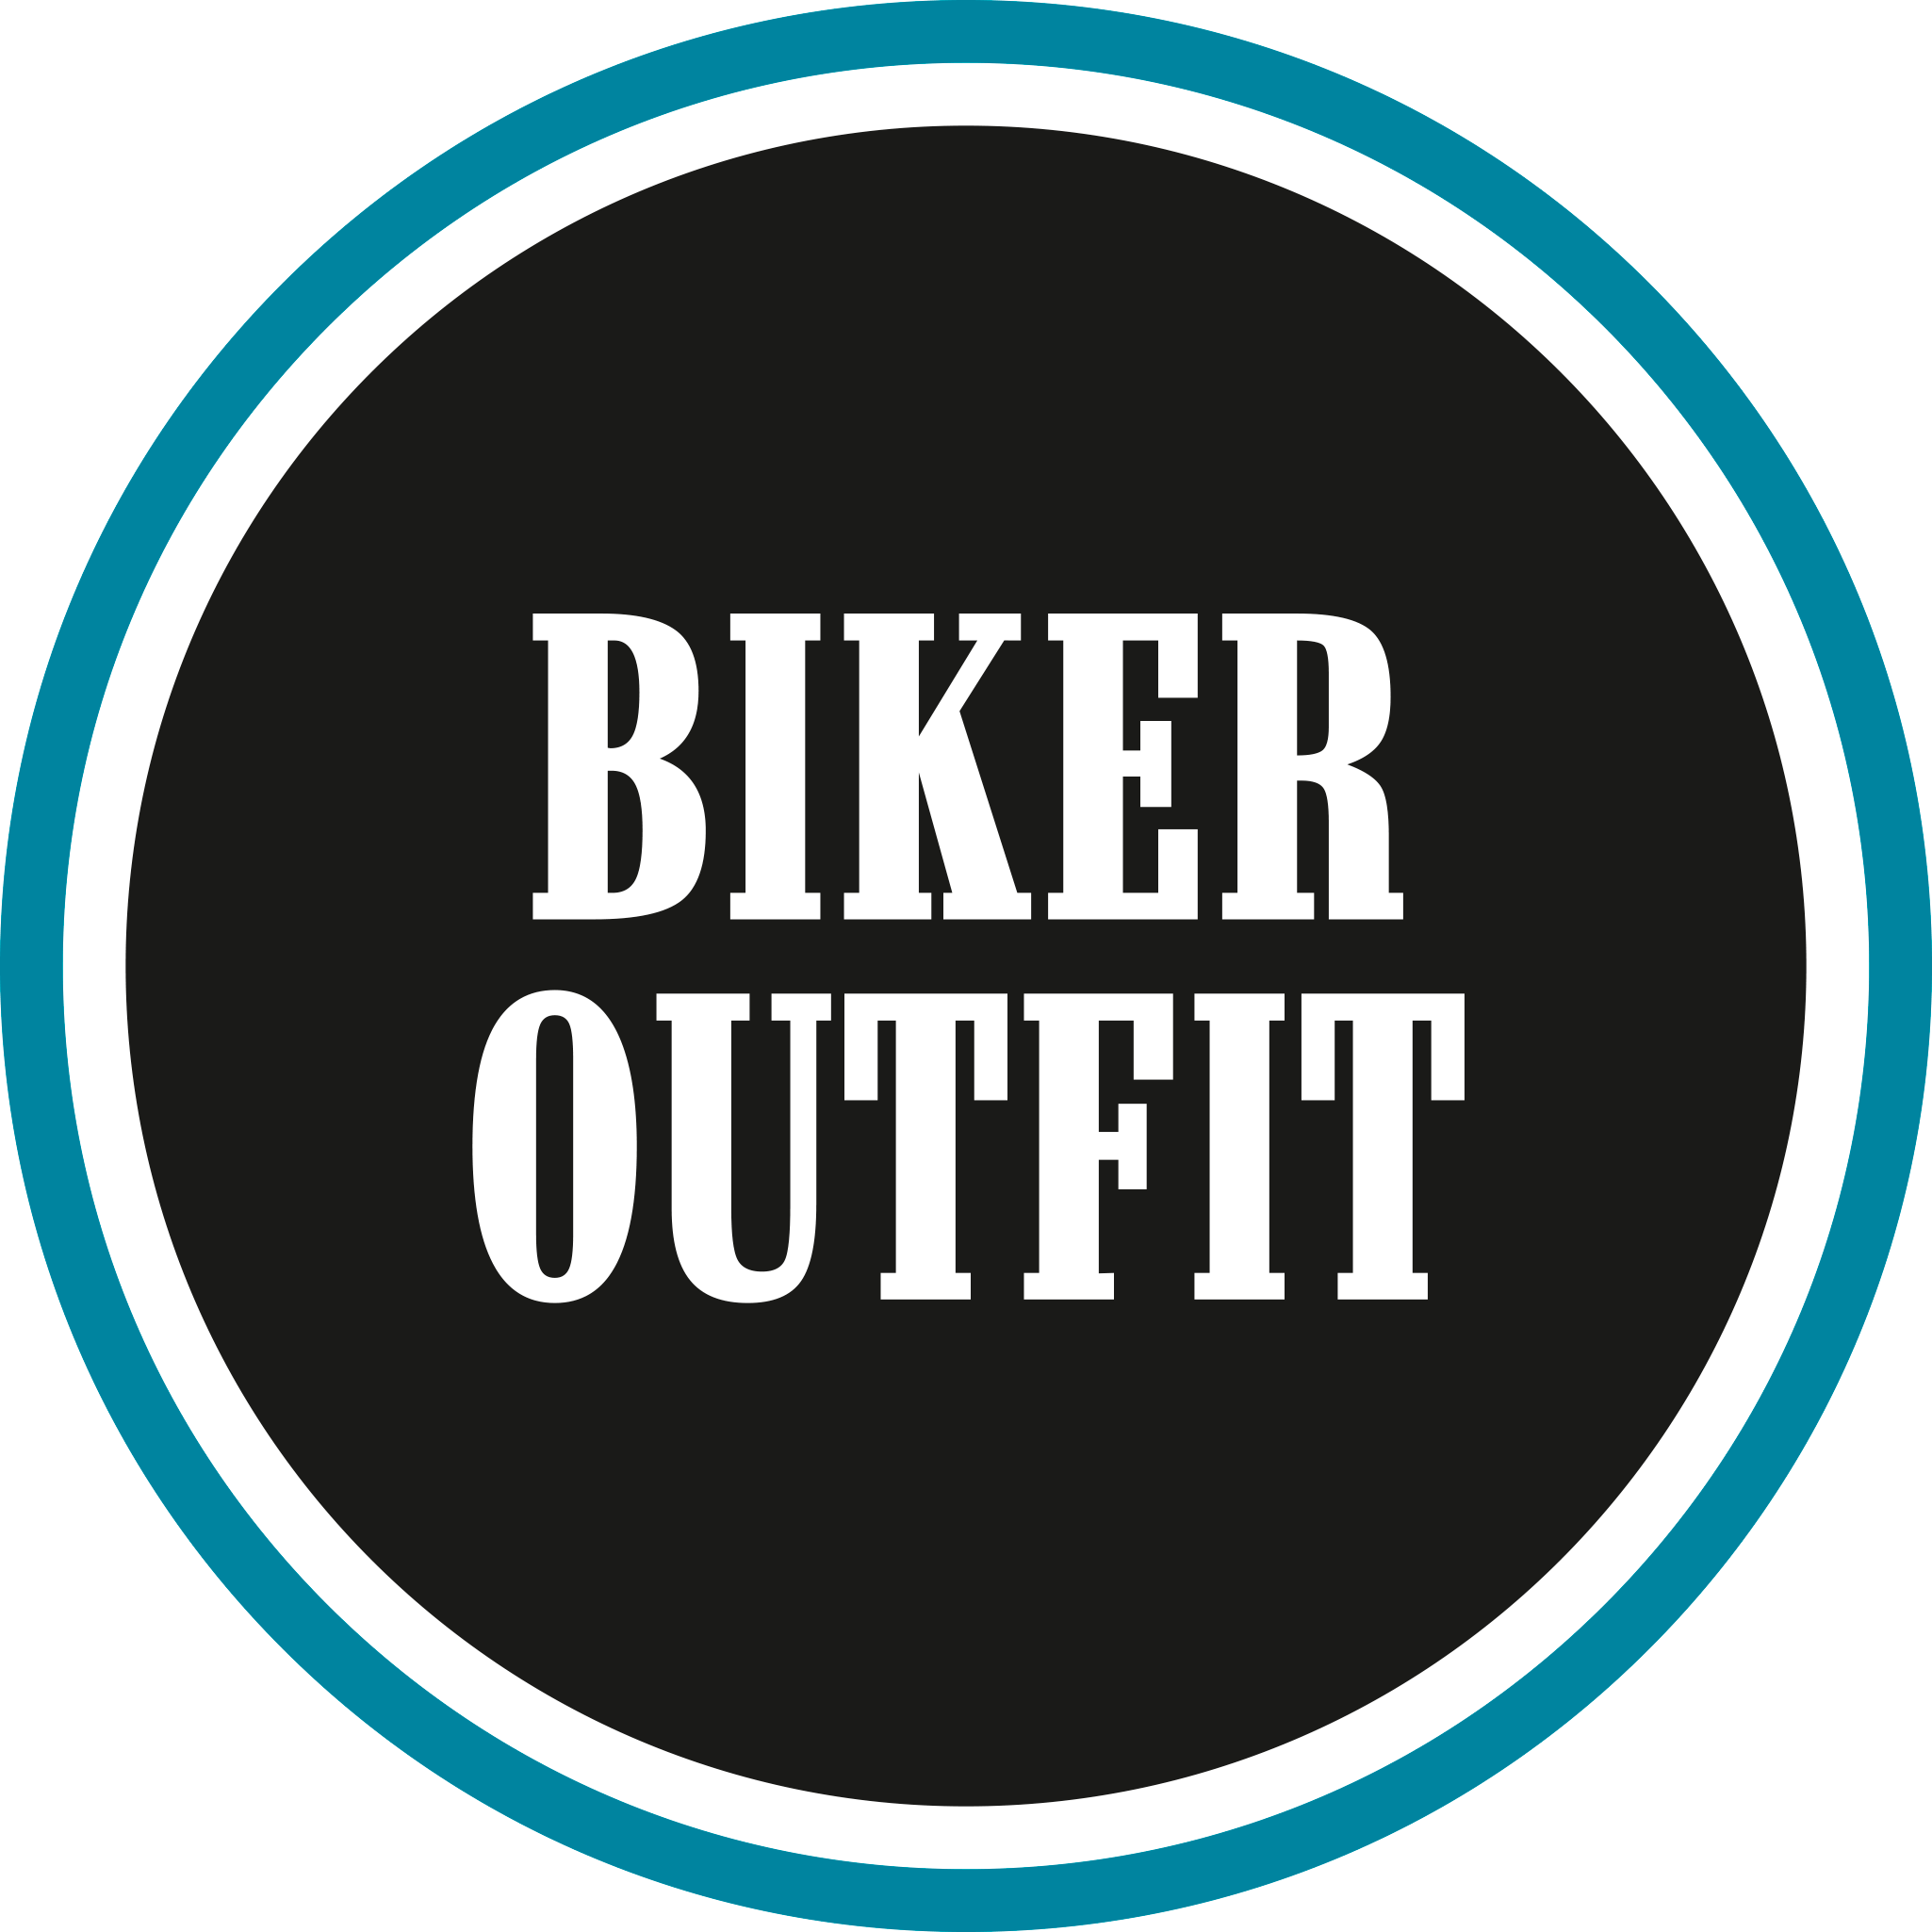 Motorkleding - Alle topmerken en ruim assortiment motorkleding